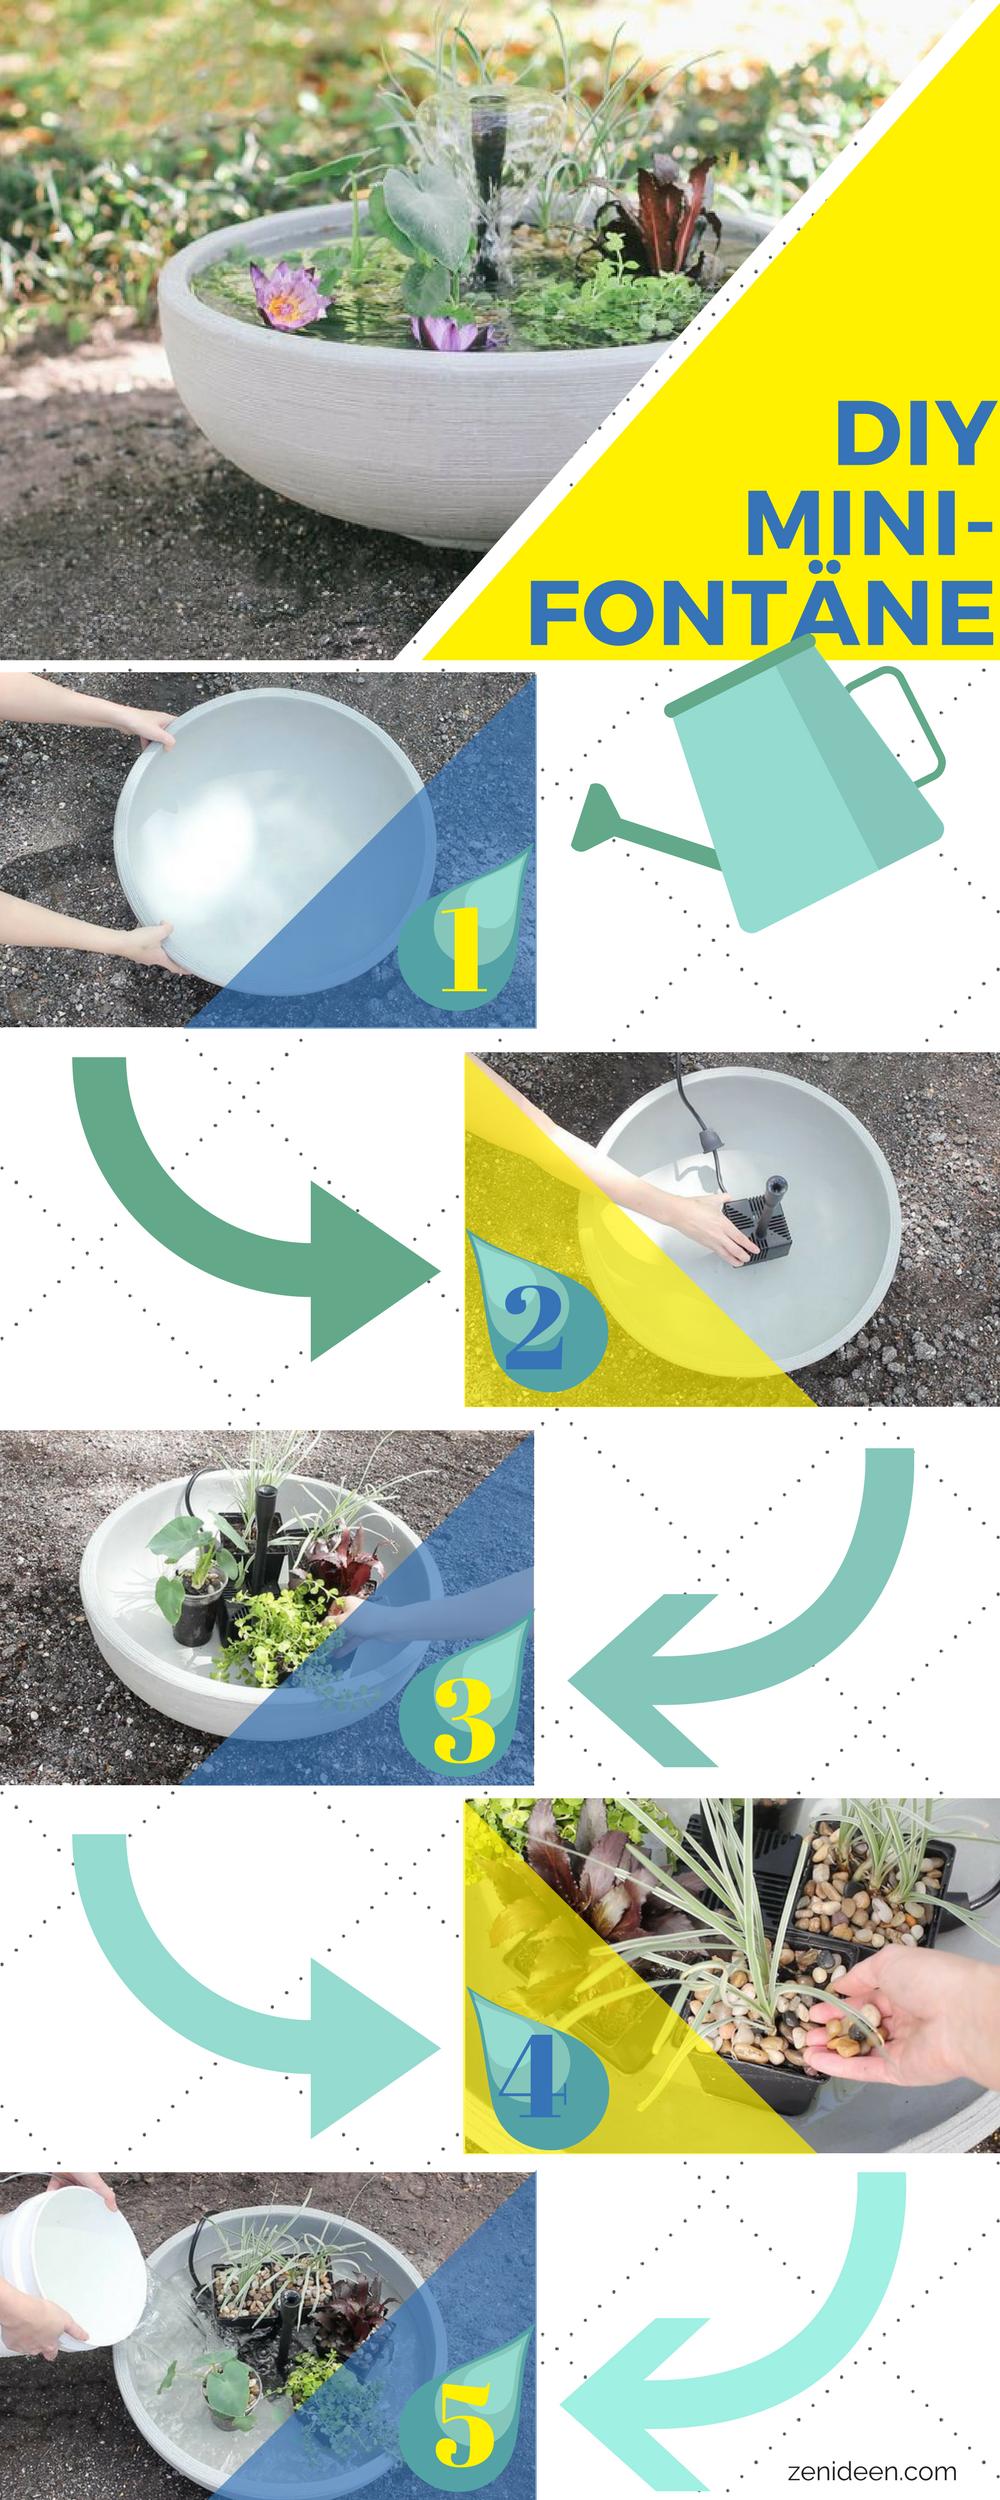 Balkon gestalten für wenig Geld: DIY Mini-Brunnen im Topf